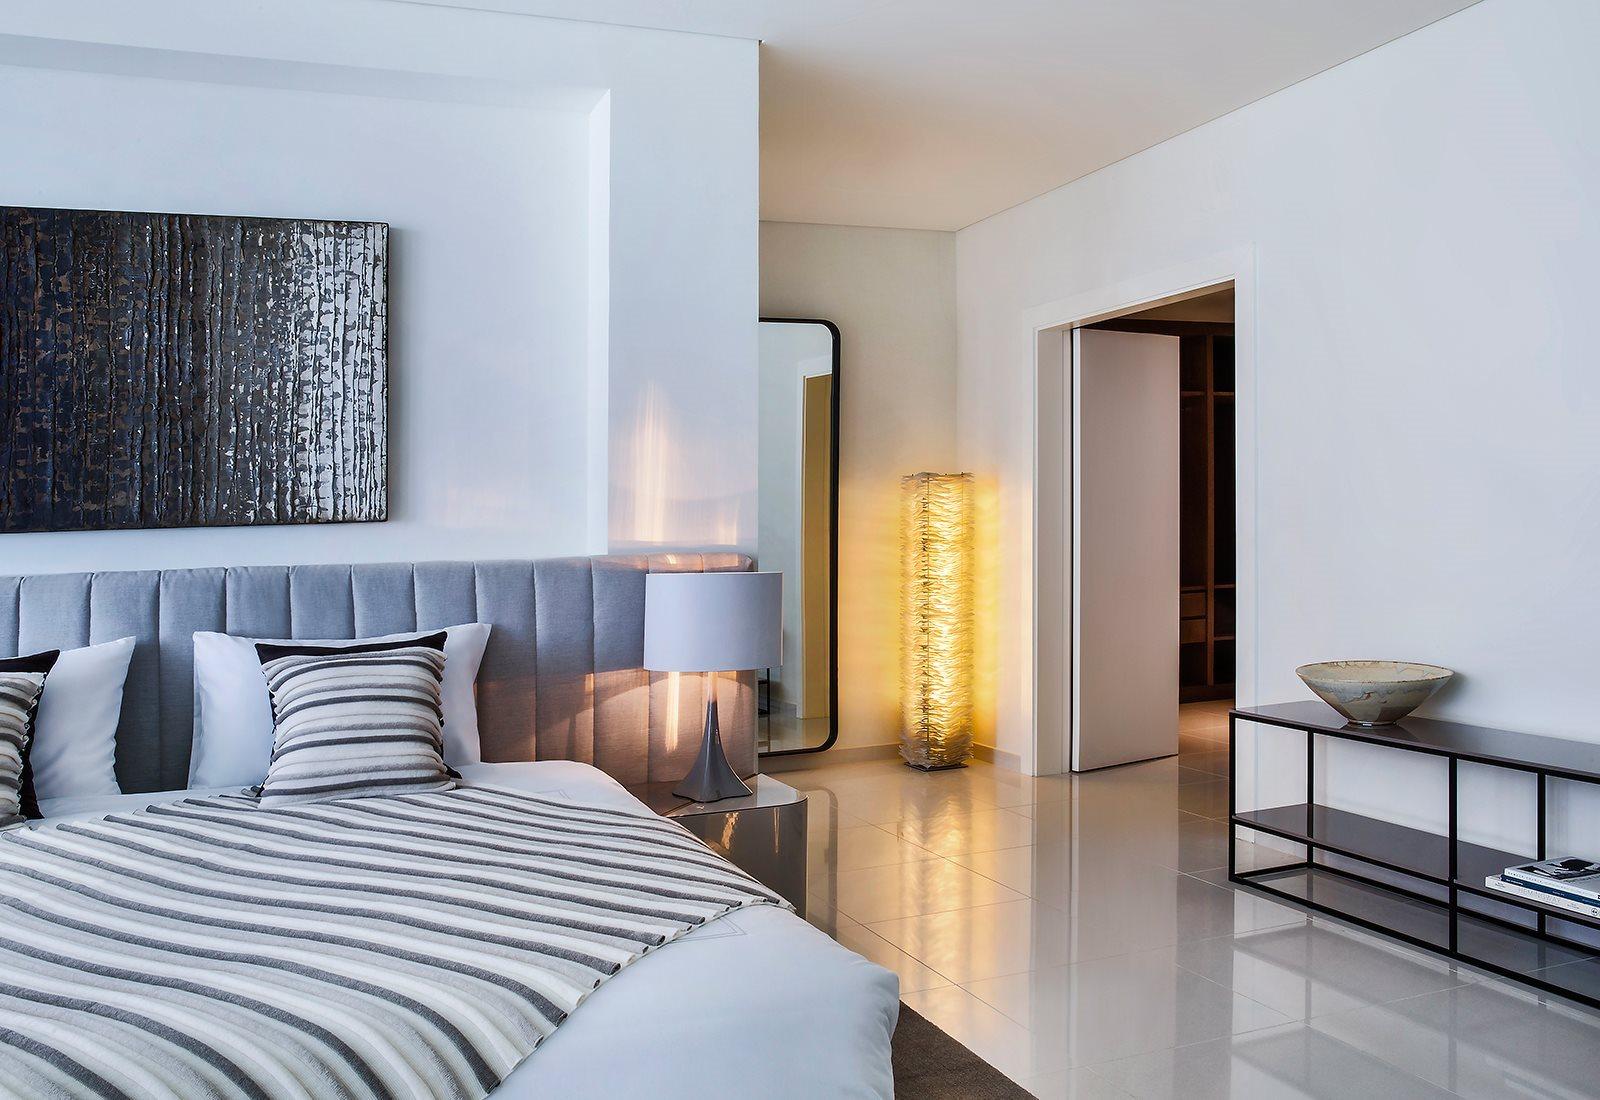 Caspaiou: Designing our Luxury Interior Design Dreams in Jumeirah luxury interior design Caspaiou: Designing our Luxury Interior Design Dreams in Jumeirah Caspaiou Designing our Modern Interior Design Dreams in Jumeirah 4